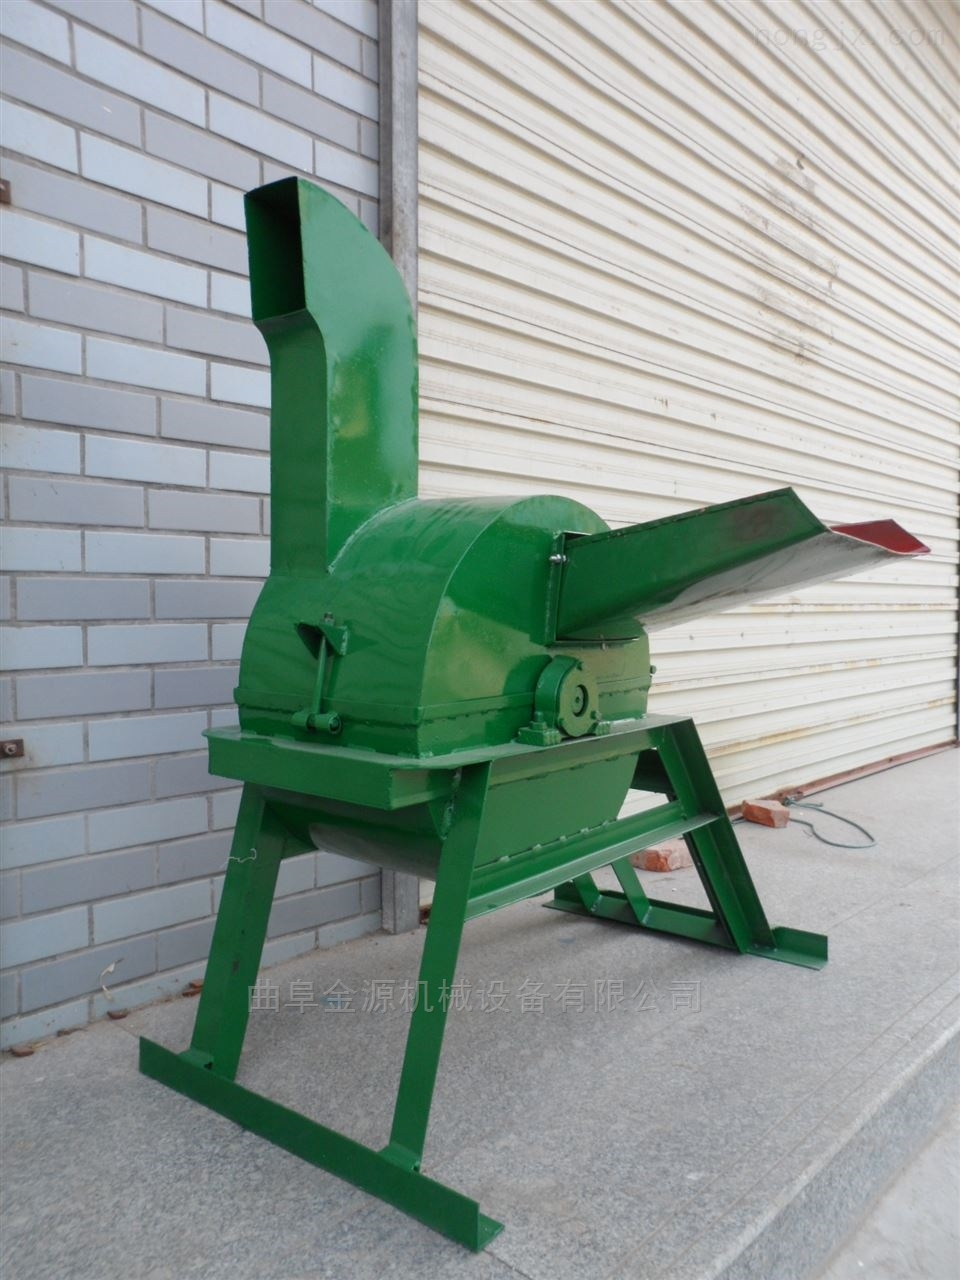 厂家直销秸秆揉丝机 玉米稻草秸秆粉碎机